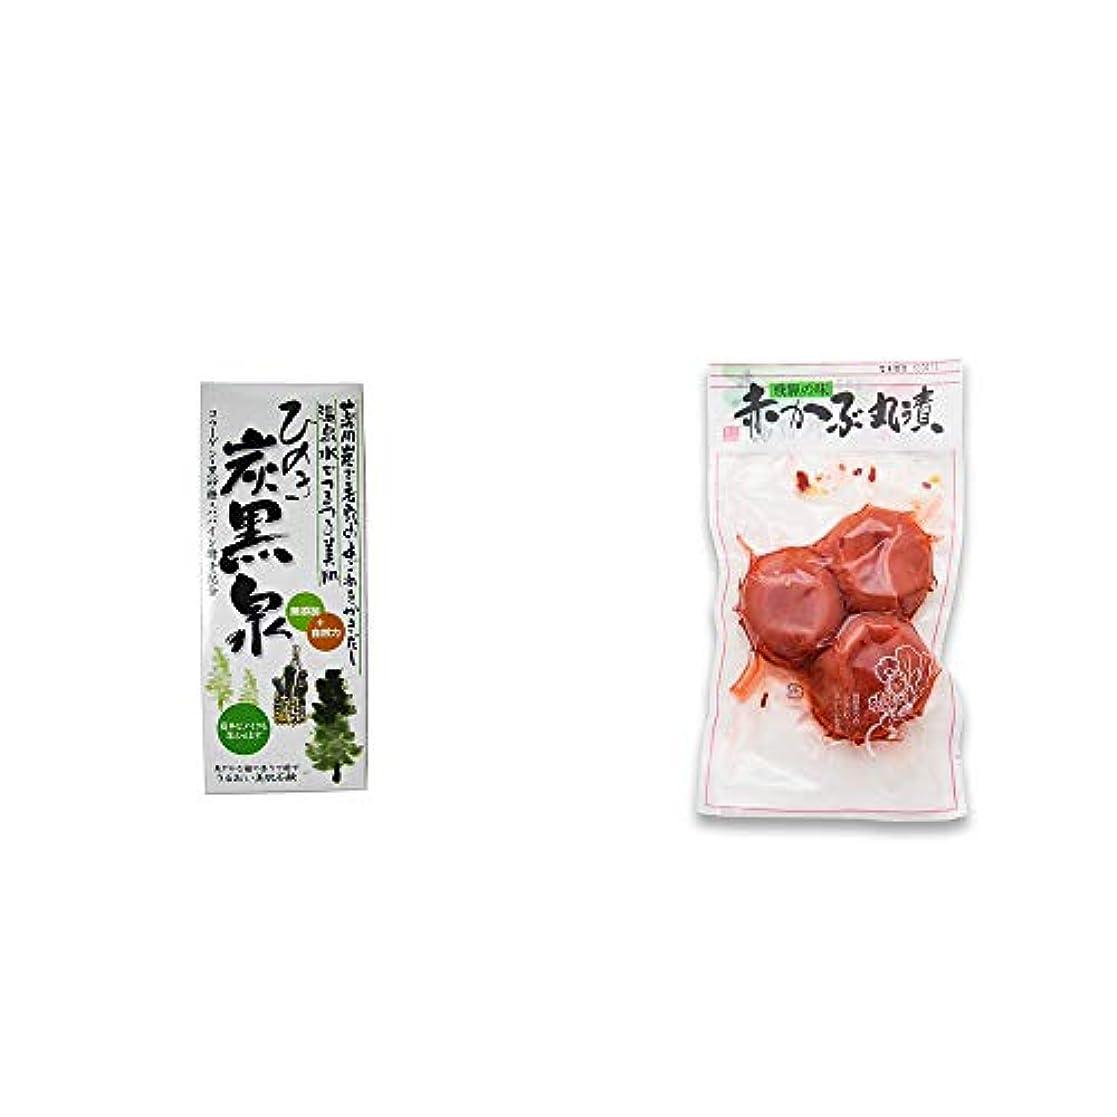 アリーナ団結韓国[2点セット] ひのき炭黒泉 箱入り(75g×3)?赤かぶ丸漬け(150g)